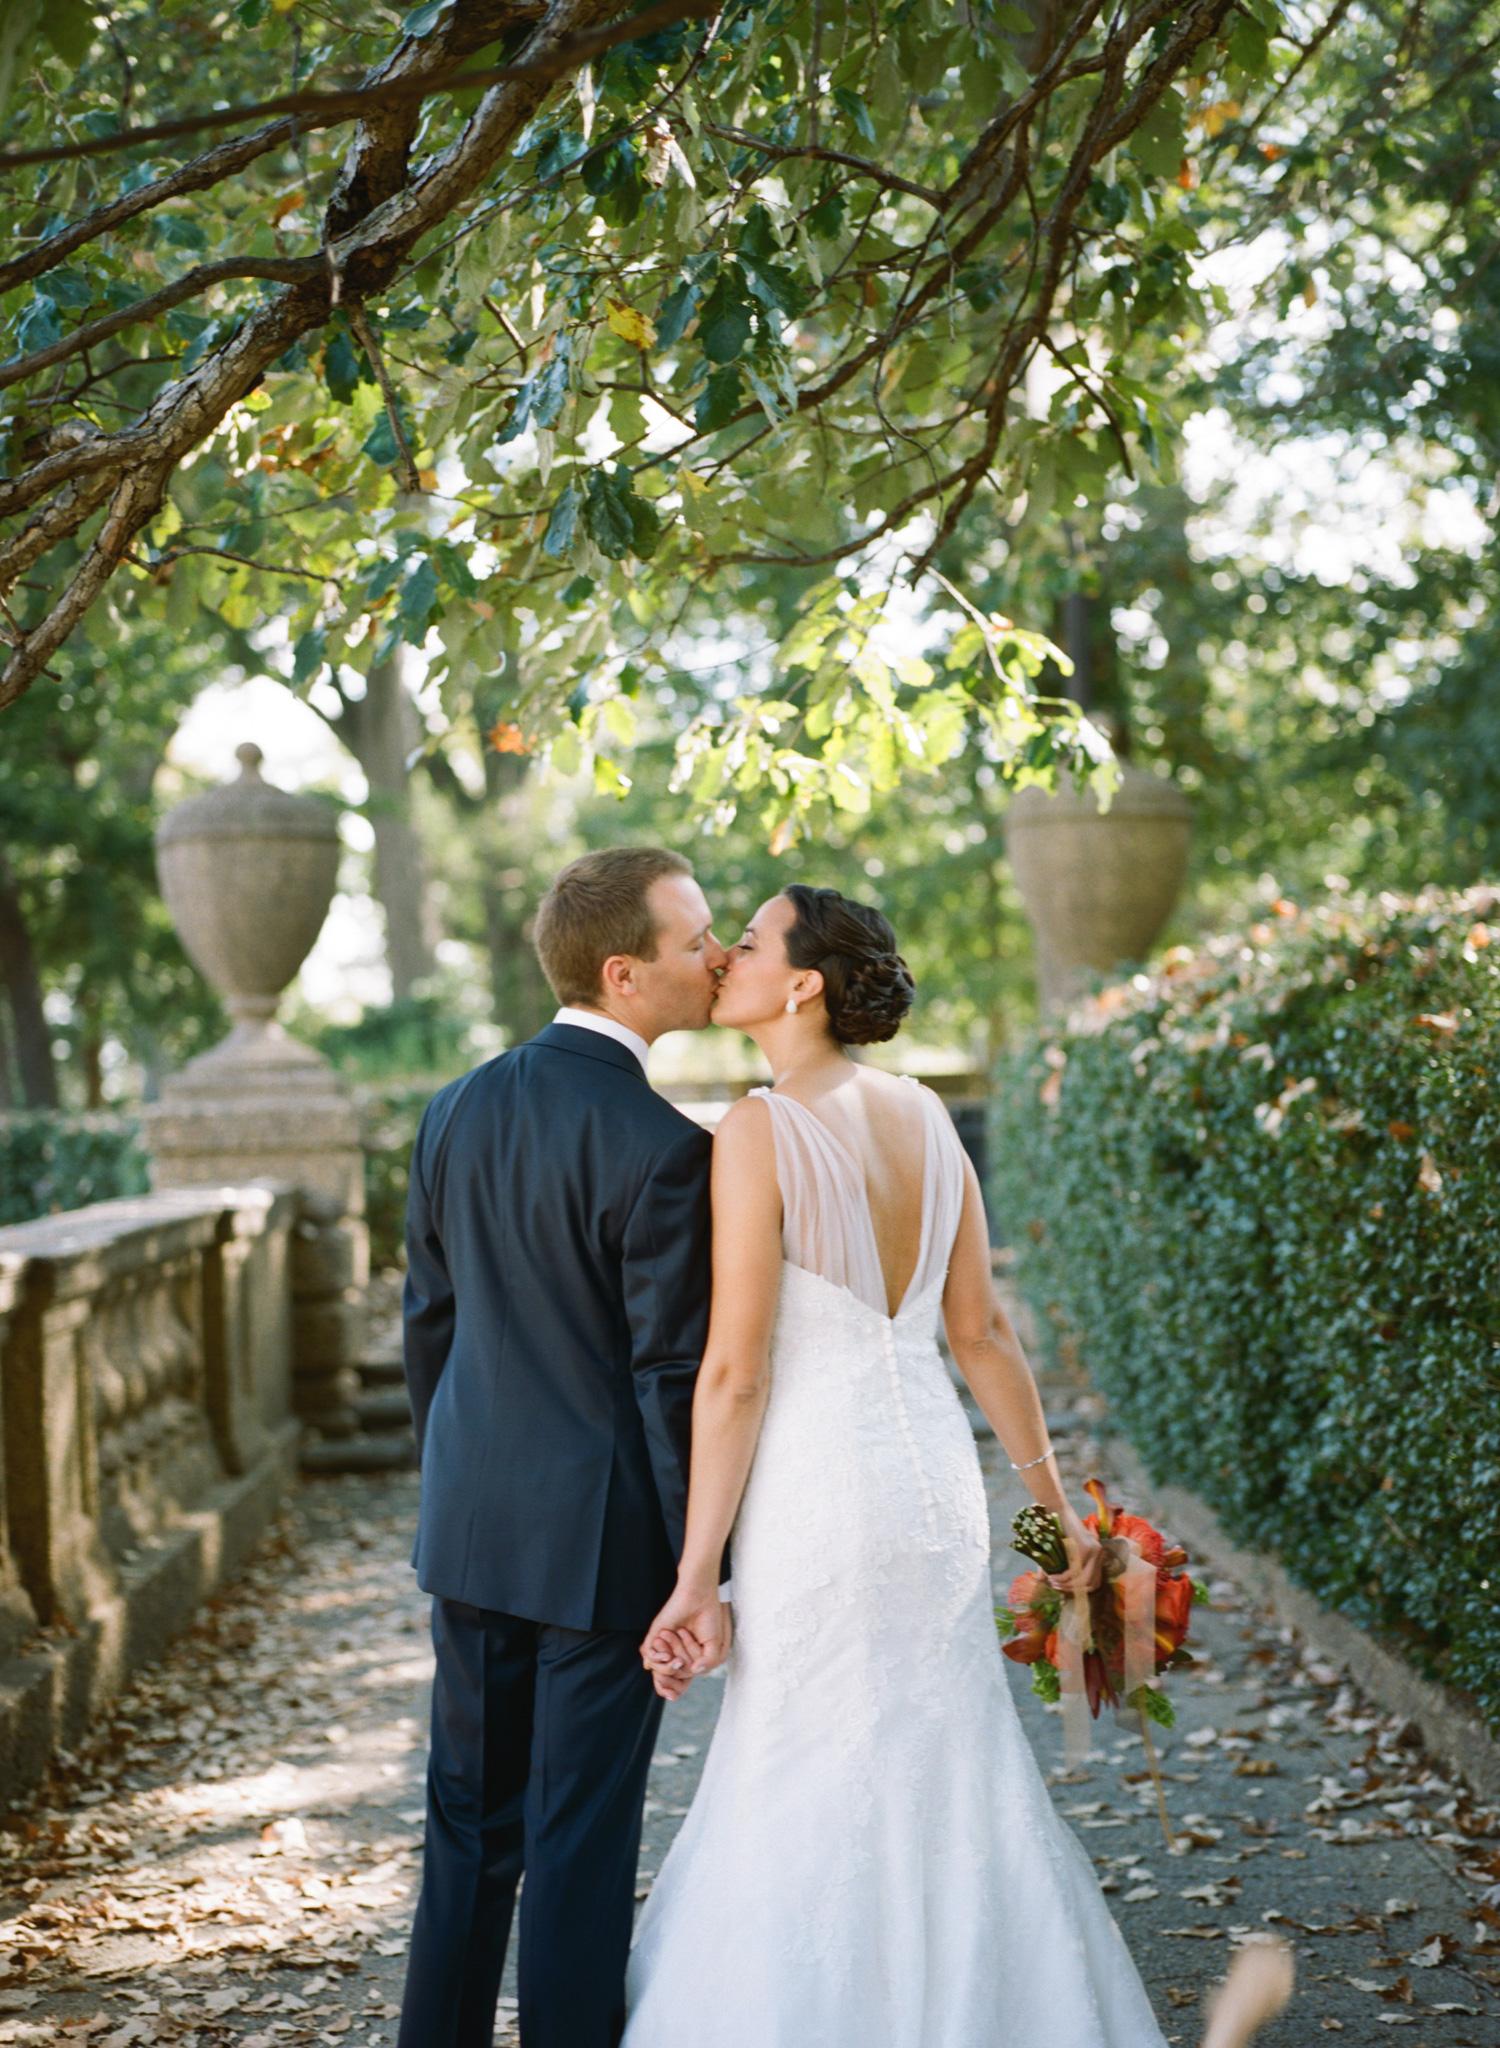 601-meridan-hill-park-wedding.jpg